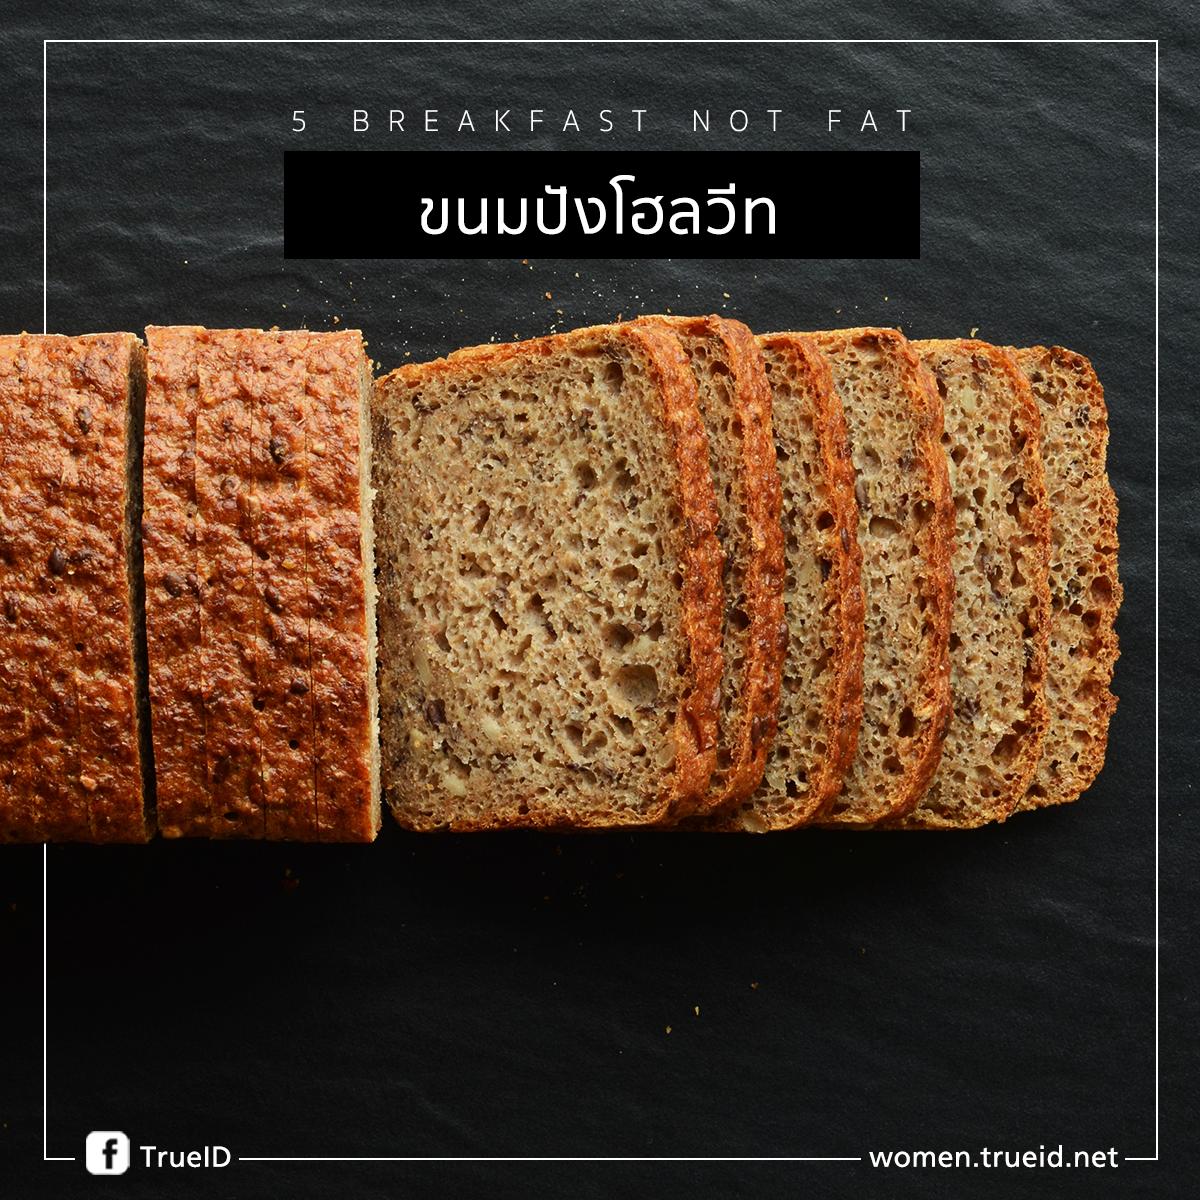 5 อาหารเช้า ข้างออฟฟิศที่หาทานง่าย อร่อยได้แบบไม่อ้วน!